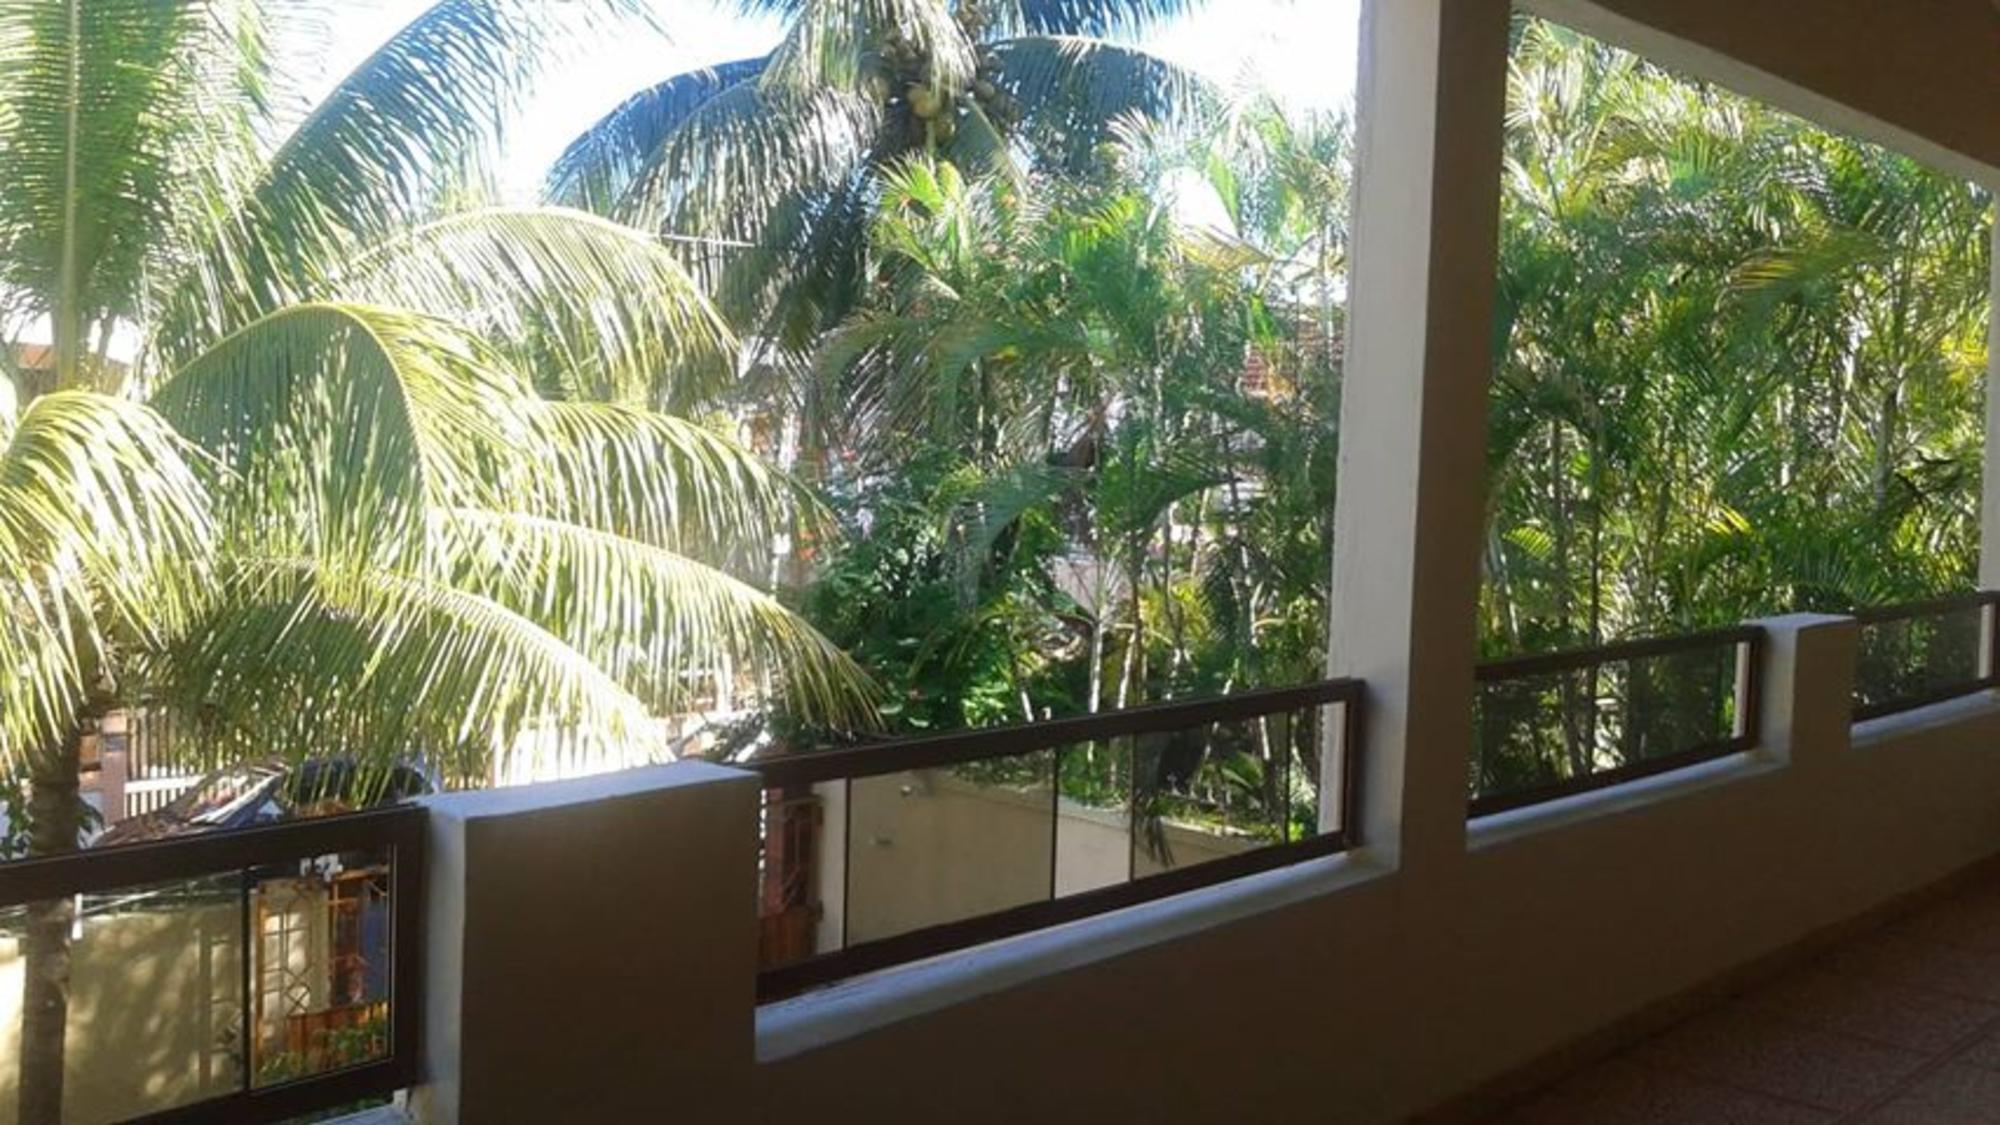 Flat2 In Villa Rosier By The Ocean In Flic En Flac